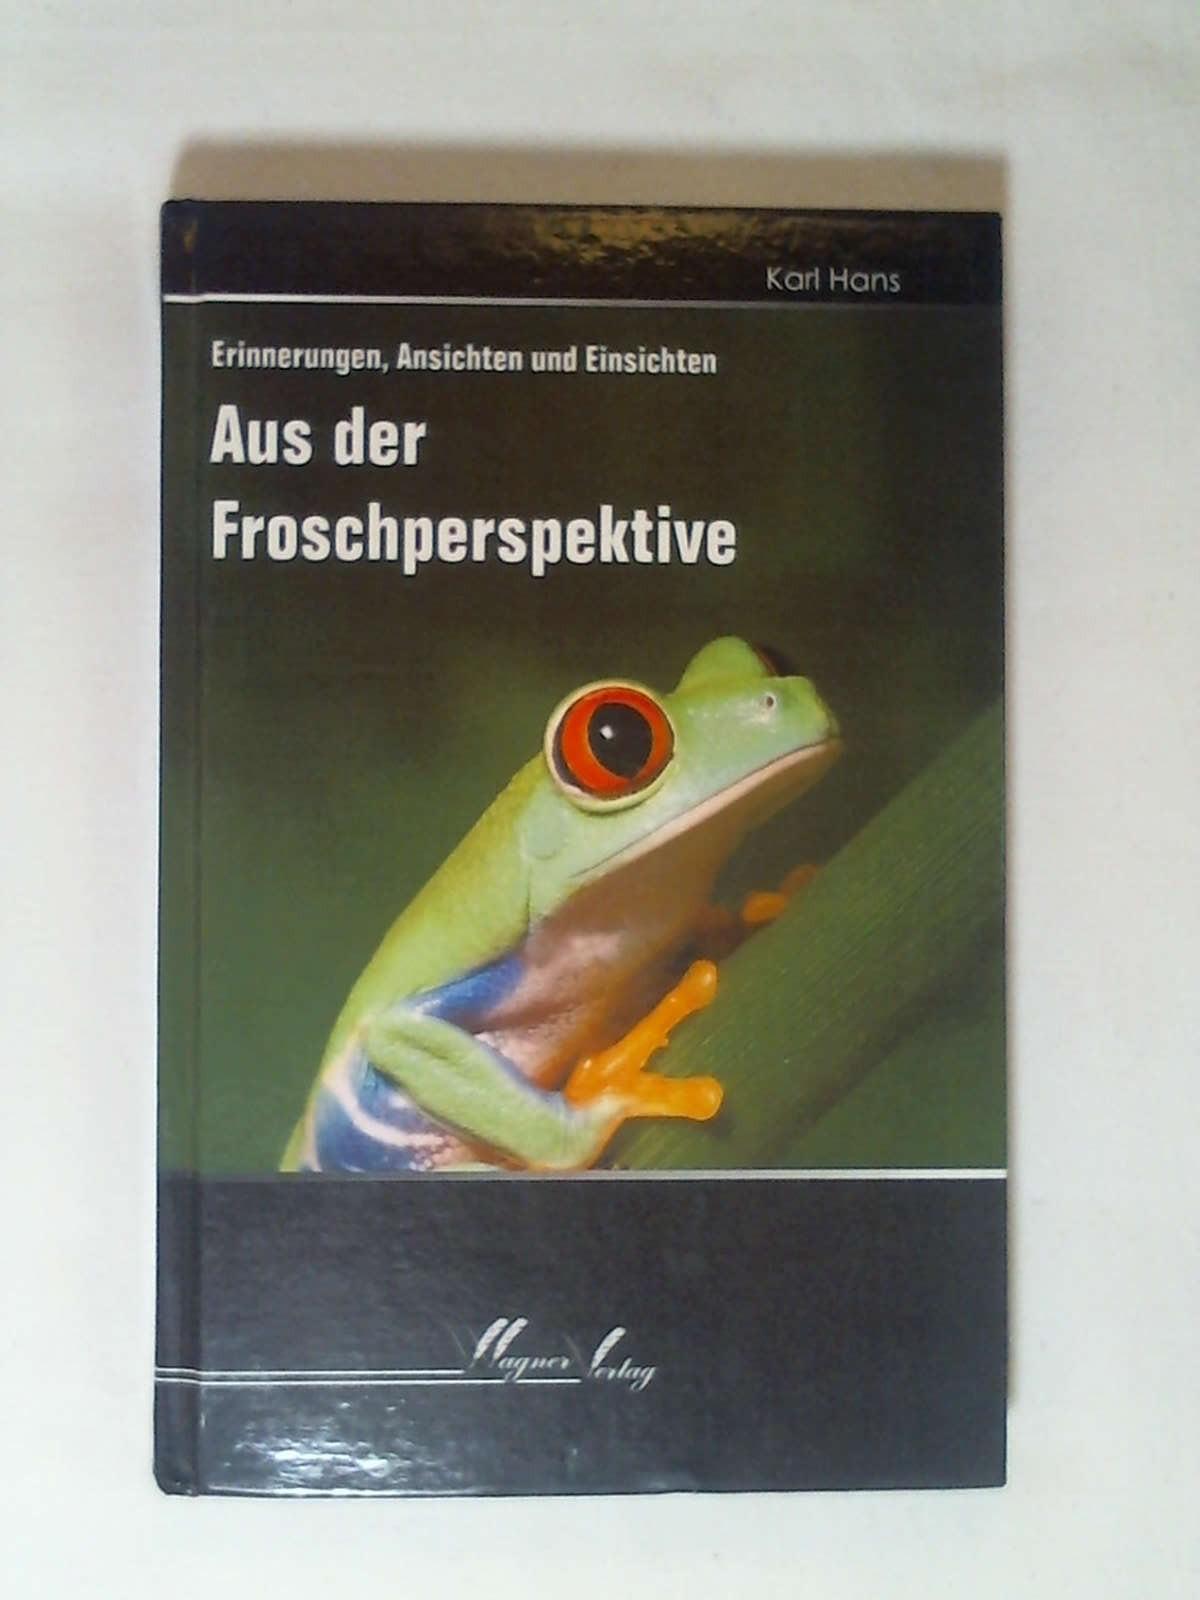 Aus der Froschperspektive: Erinnerungen, Ansichten und Einsichten: Karl Hans